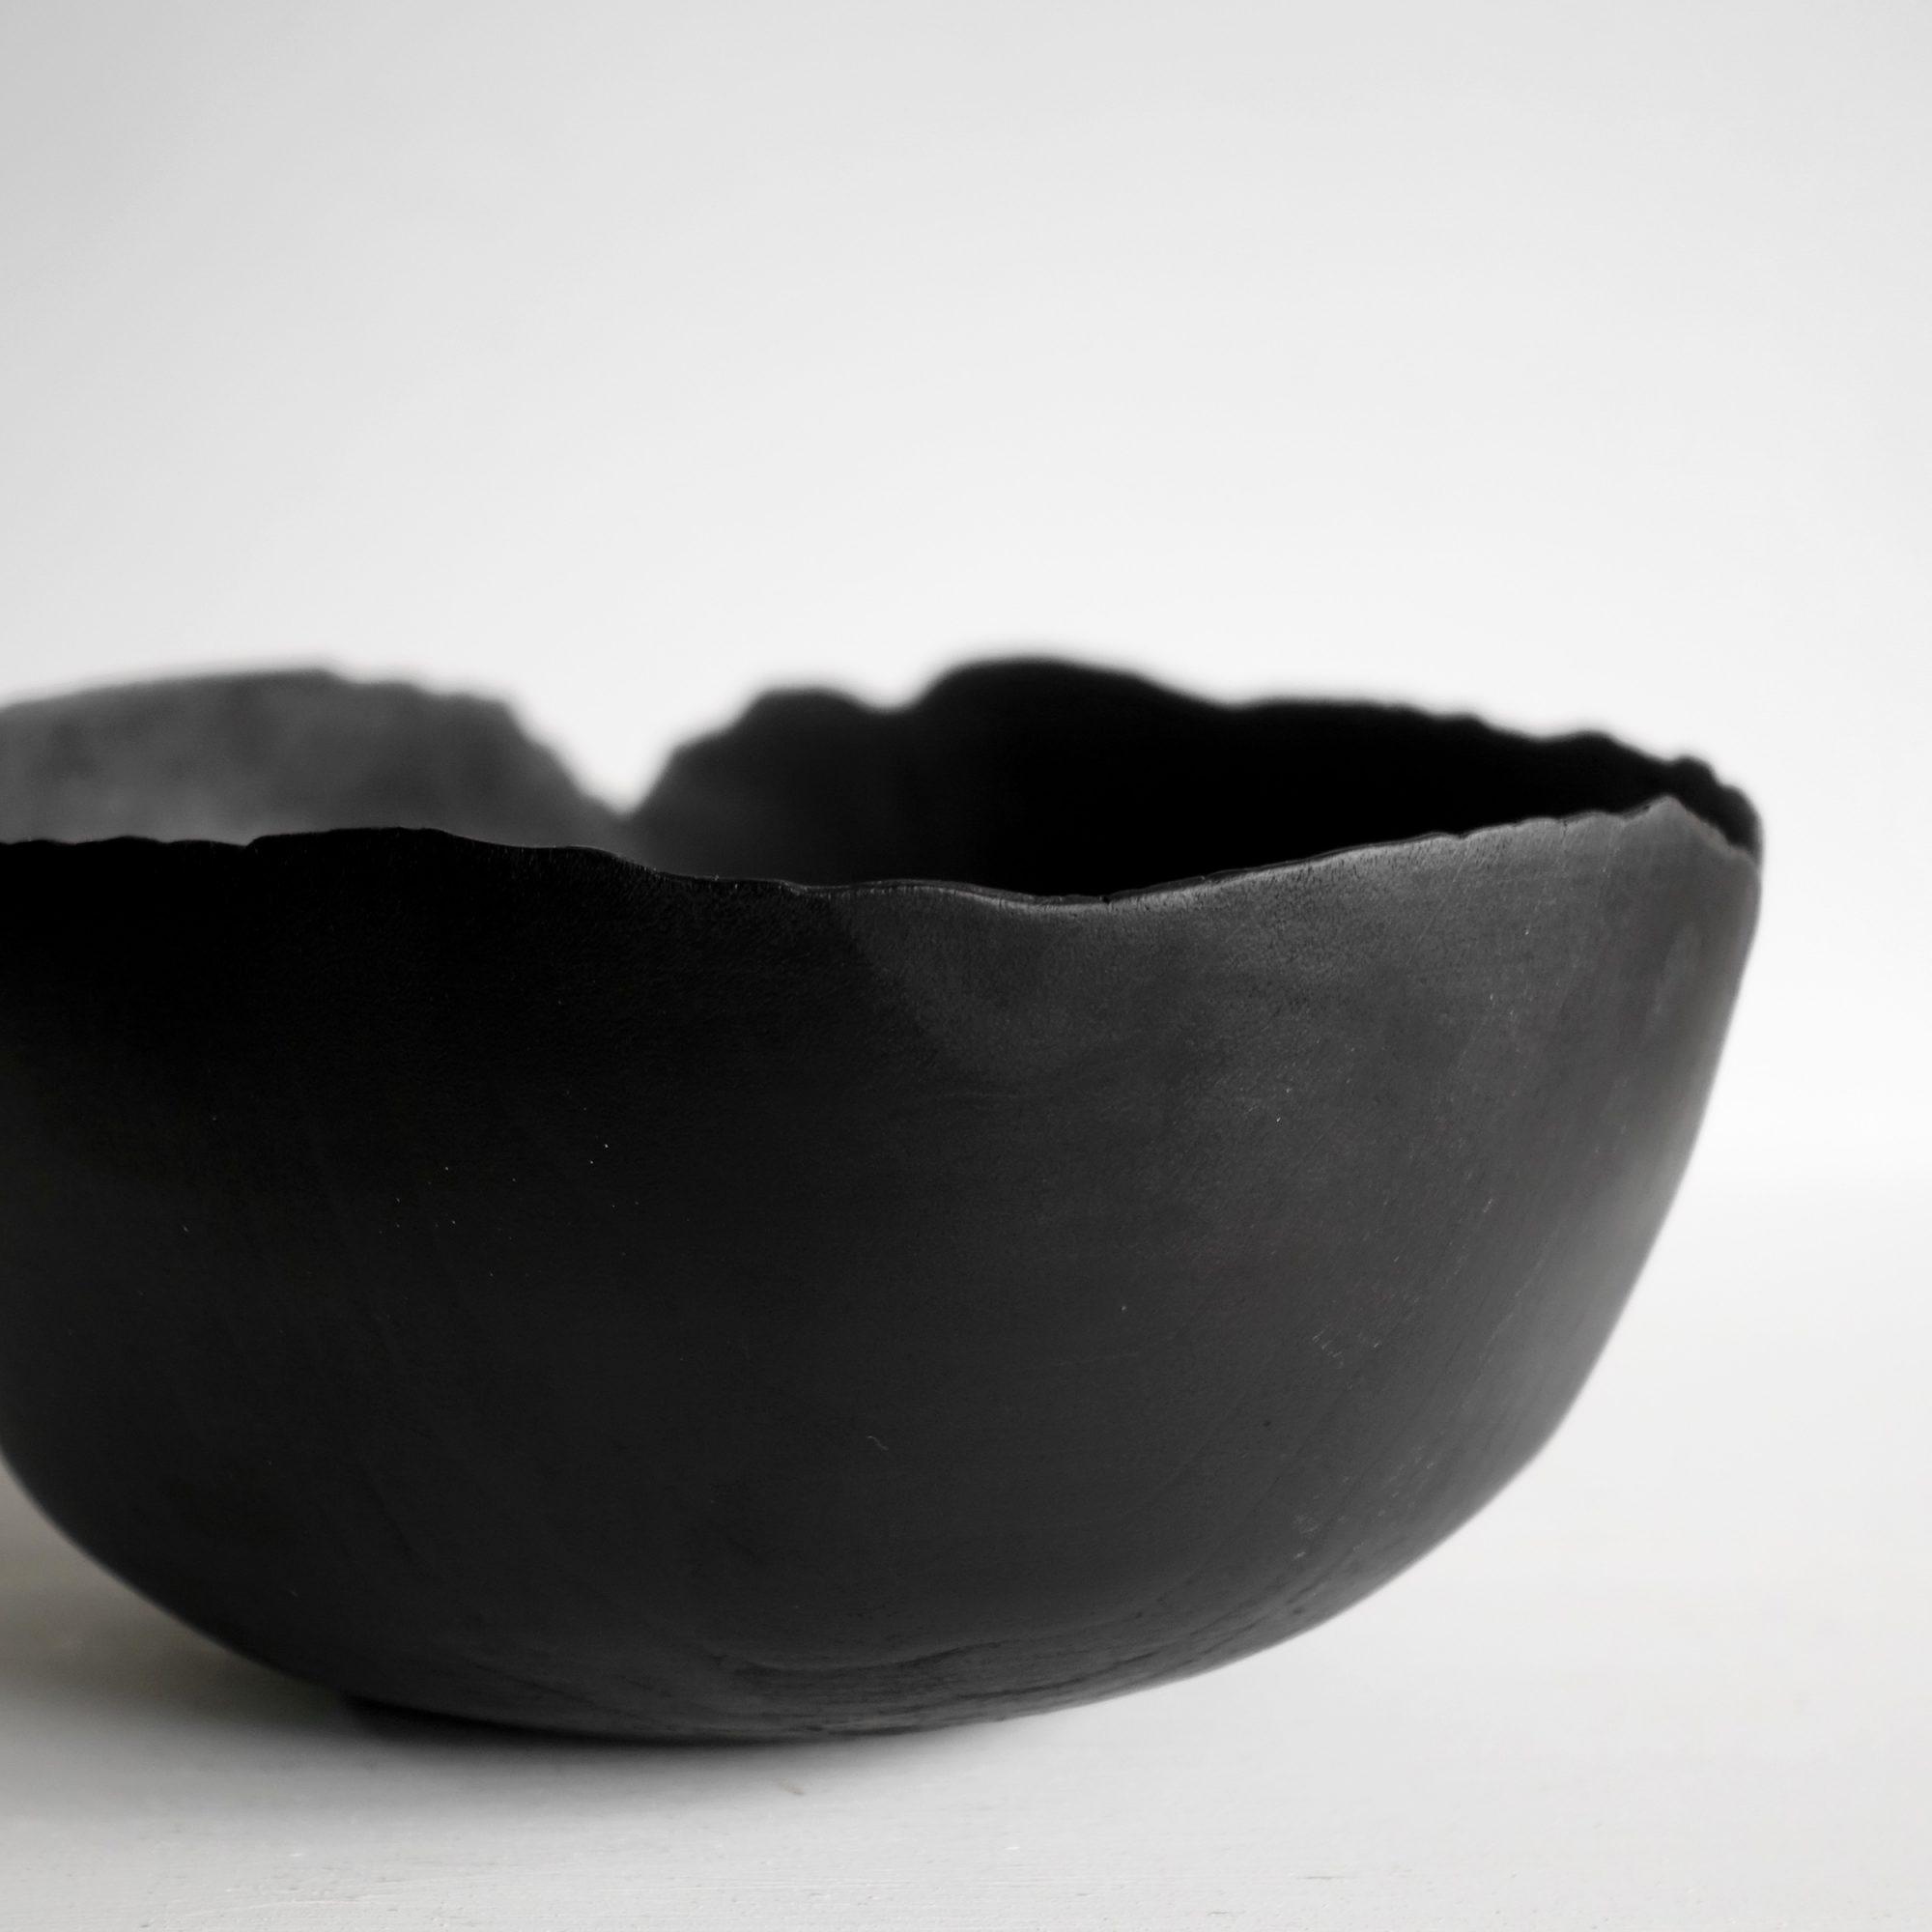 Thin black bowl 5